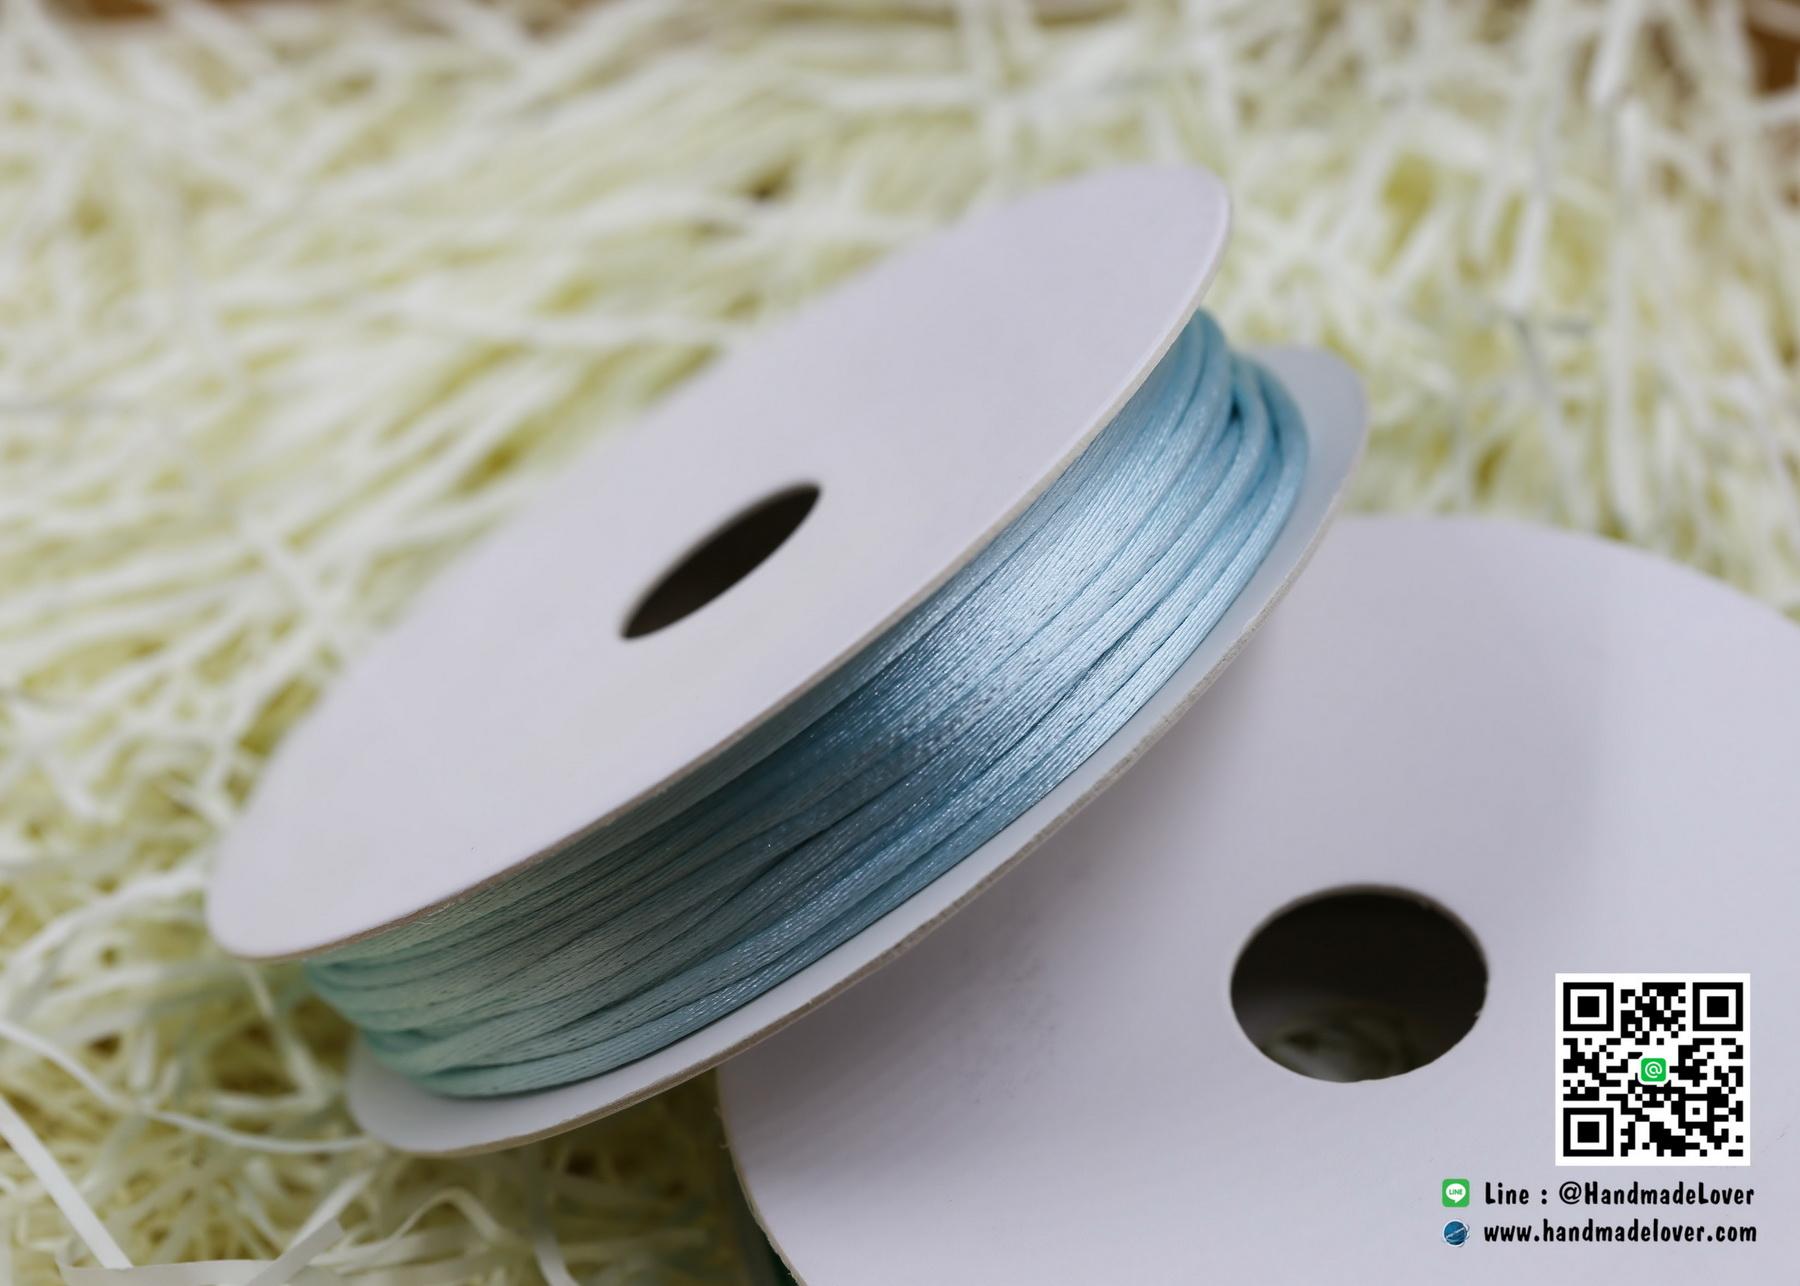 เชือกหางหนู สีฟ้าอ่อน [121] ขนาด 2 มิล [อย่างดี เนื้อนุ่ม]